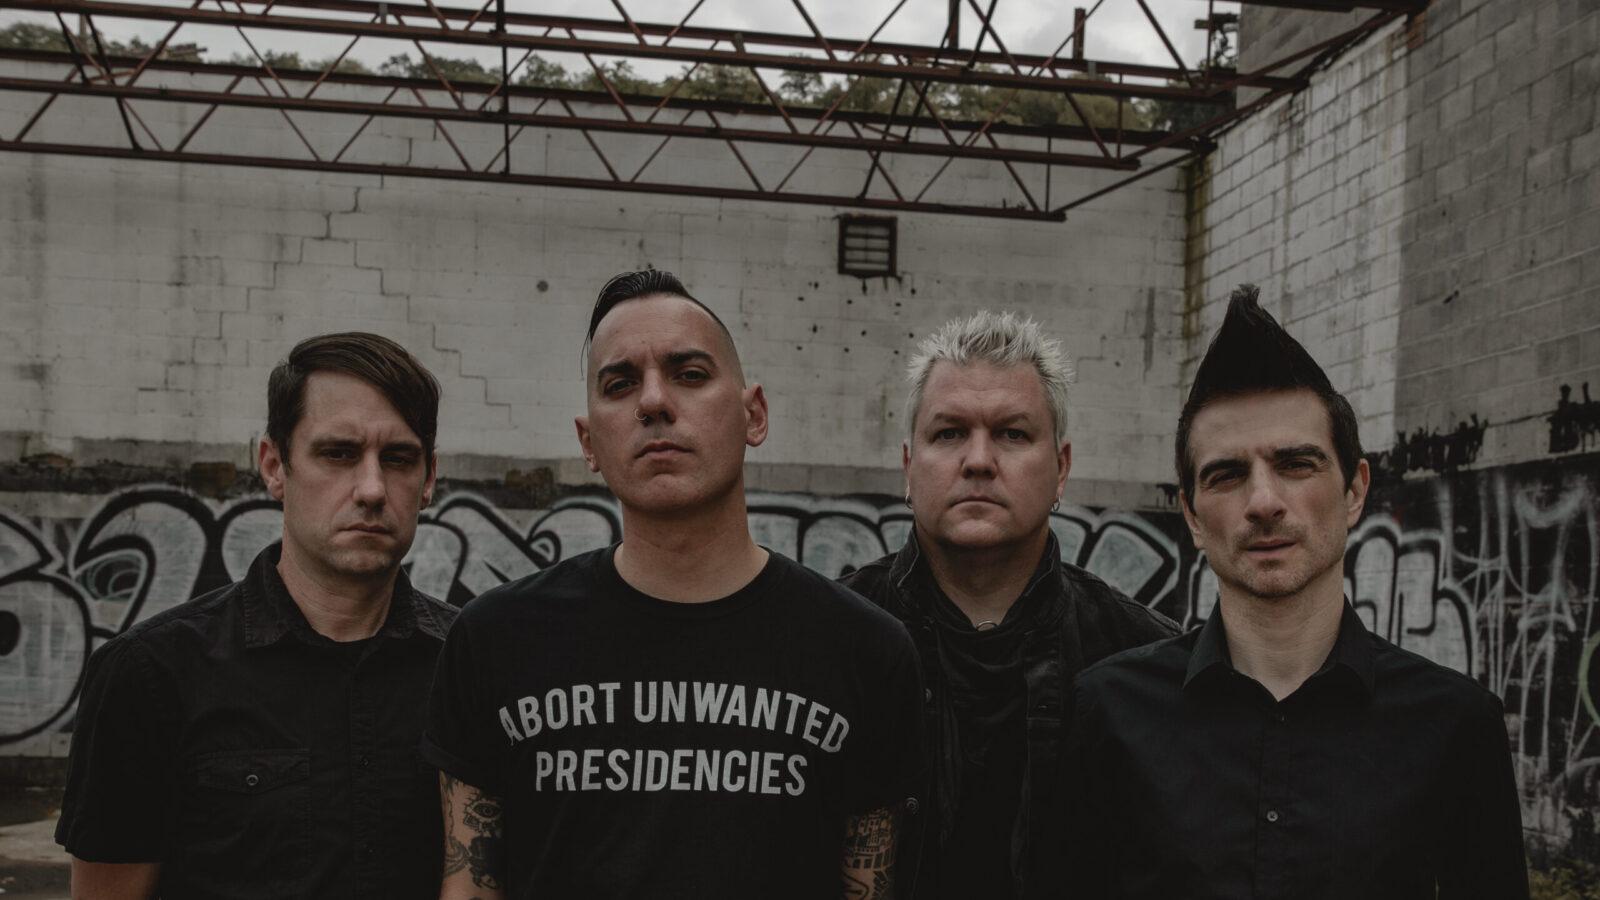 Anti-Flag: VEREINEN STATT SPALTEN